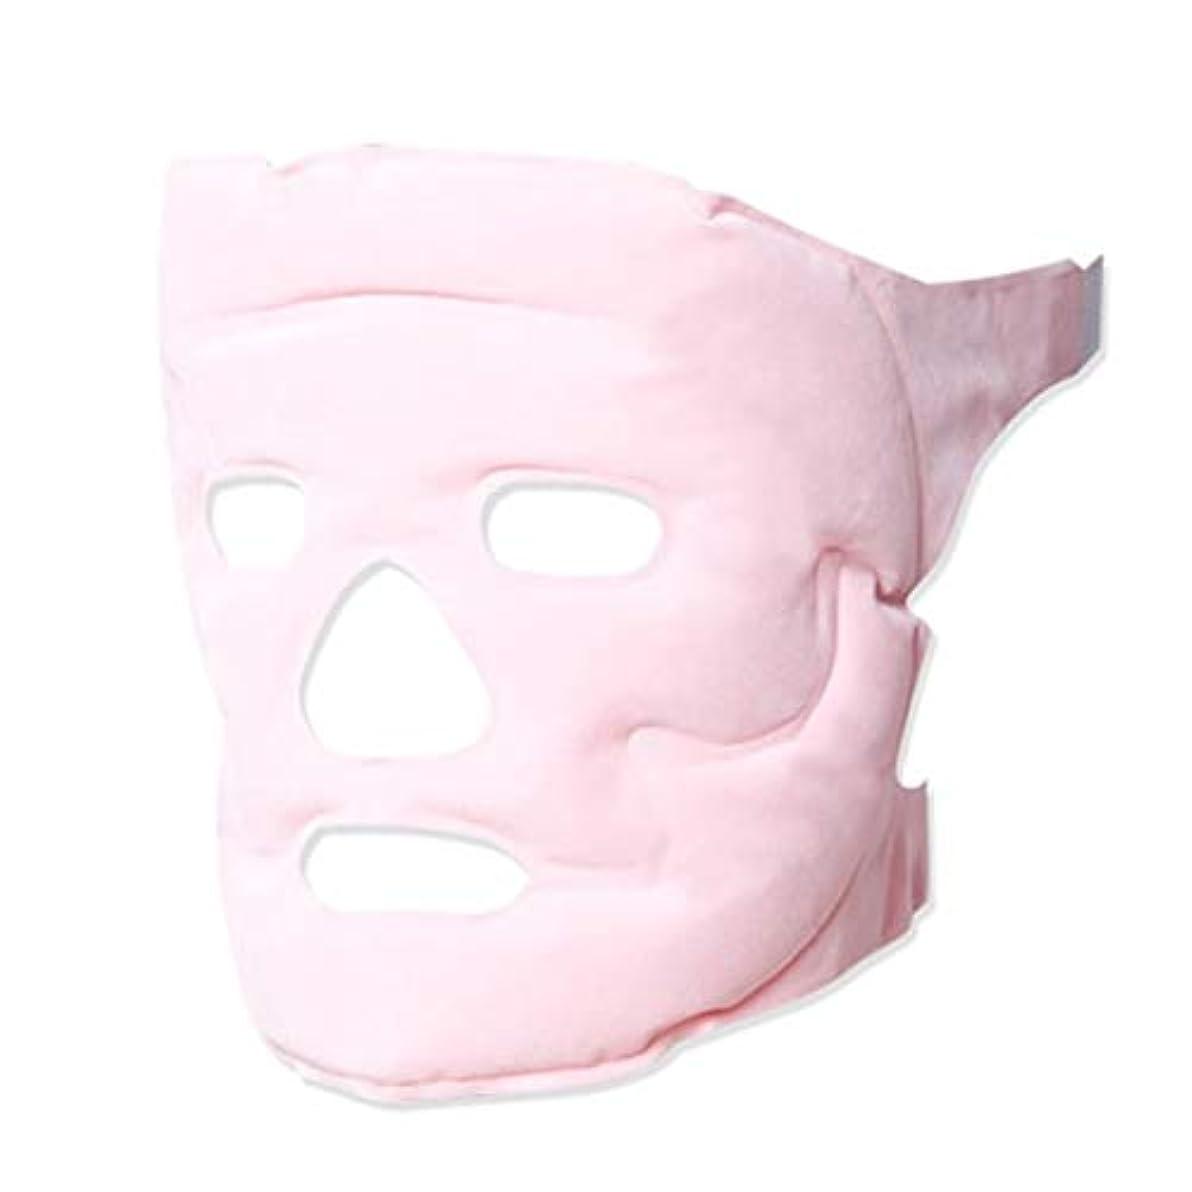 憧れ財布パンダZWBD フェイスマスク, フェイスリフティング包帯Vフェイスマスク睡眠薄い顔美容マスク磁気療法リフティング顔引き締め令包帯